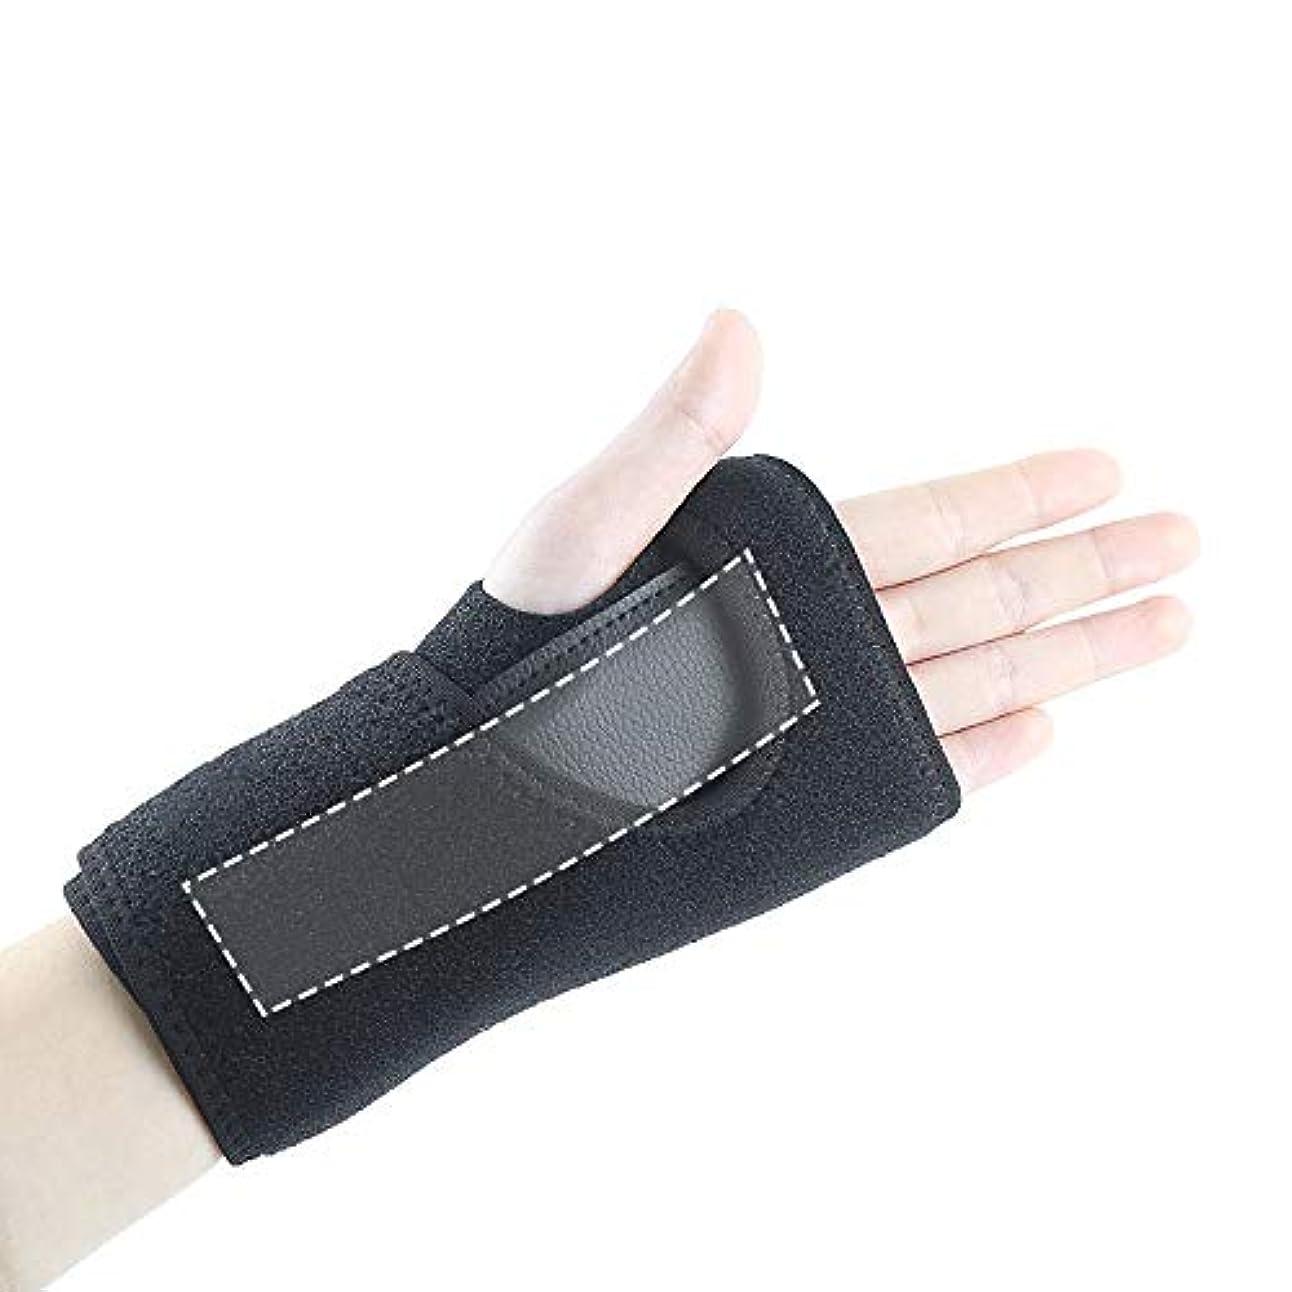 高めるオプショナル疫病ZYL-YL スポーツリストバンド捻挫手首固定保護具スプリントサポートパームハンドマウスの手のサポートハンドスプリント (Edition : Left)